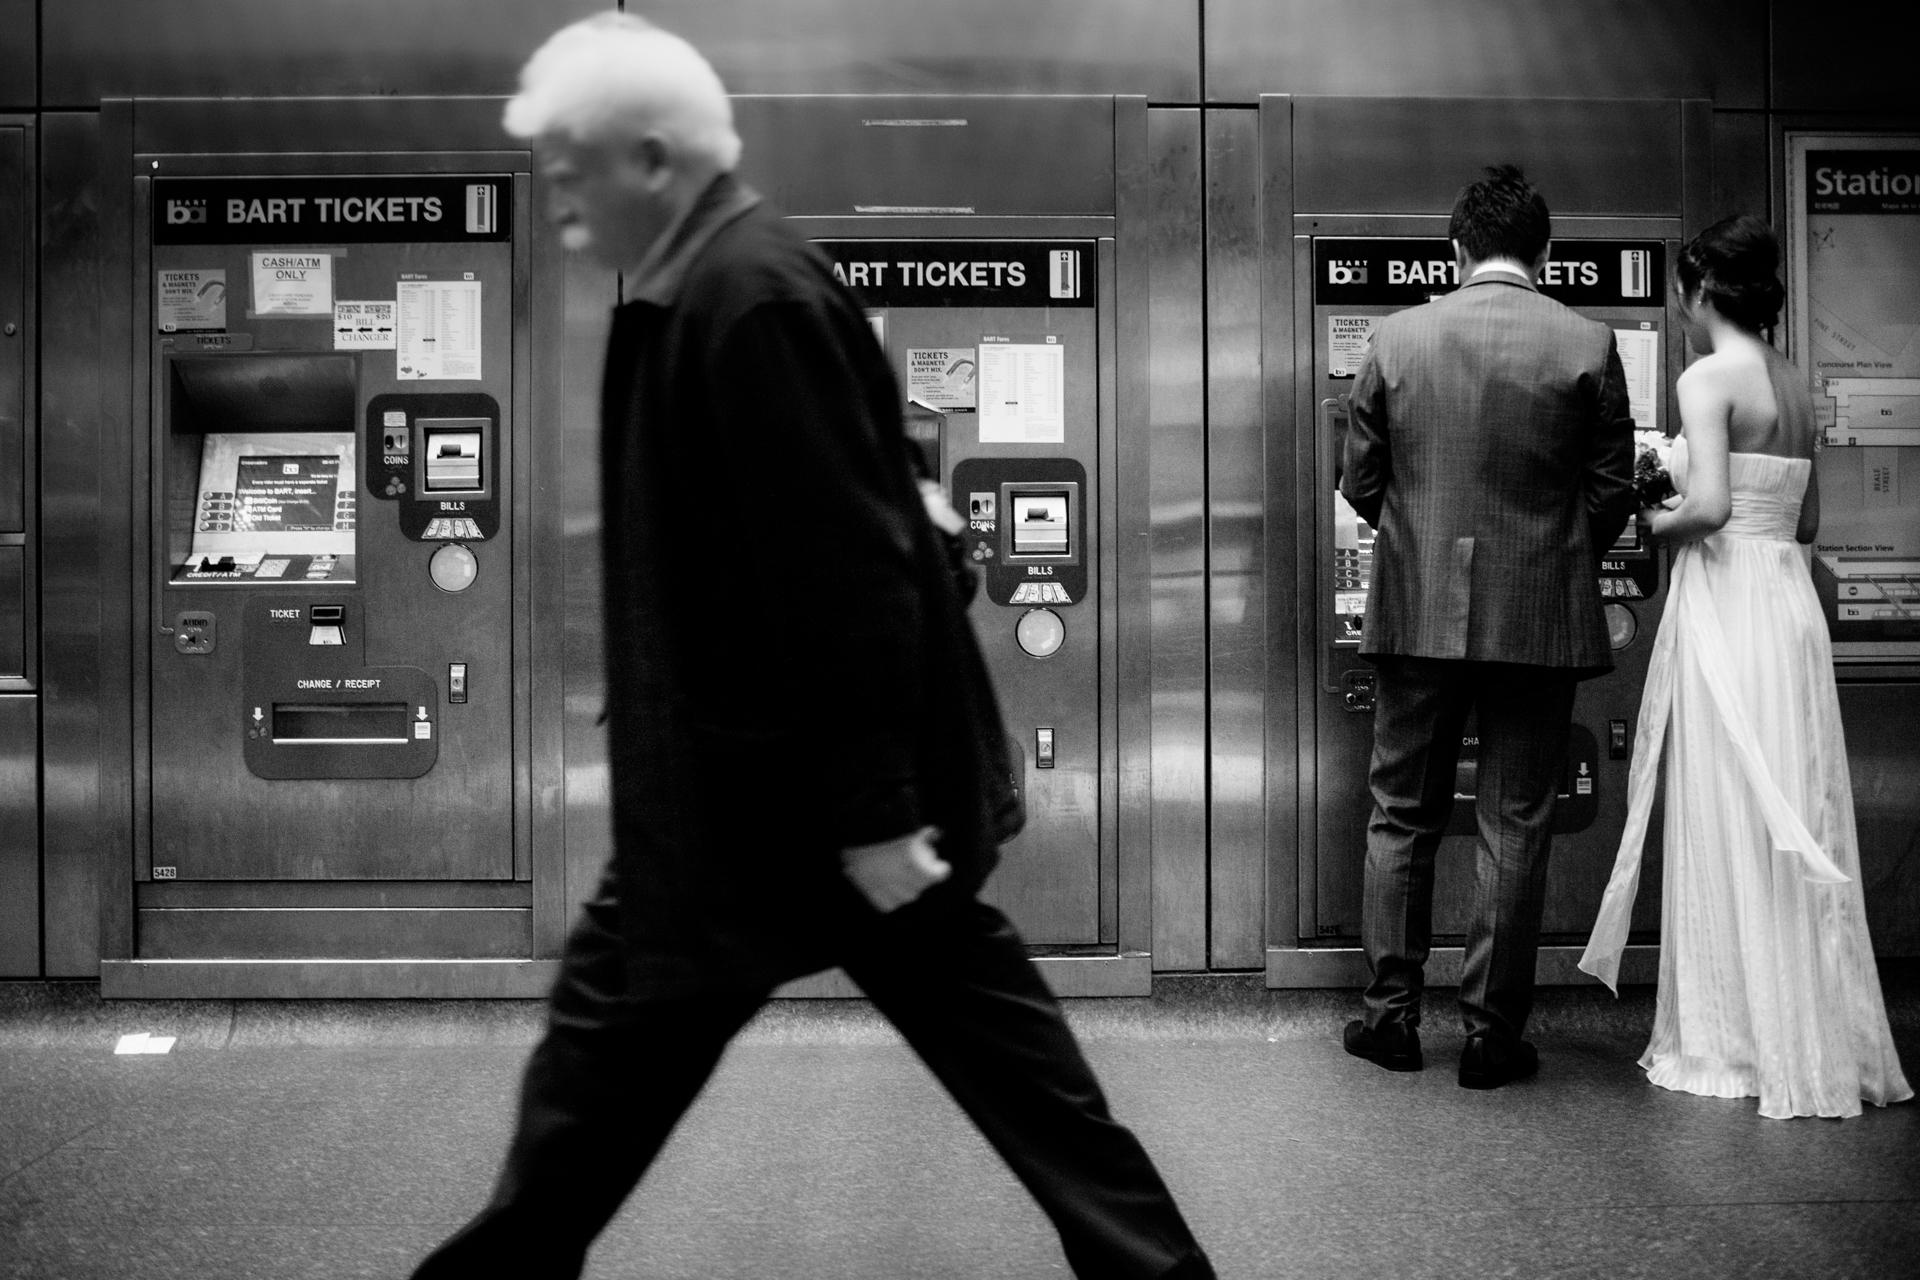 Fuga d'amore a San Francisco | Ottenere i biglietti alla stazione di transito